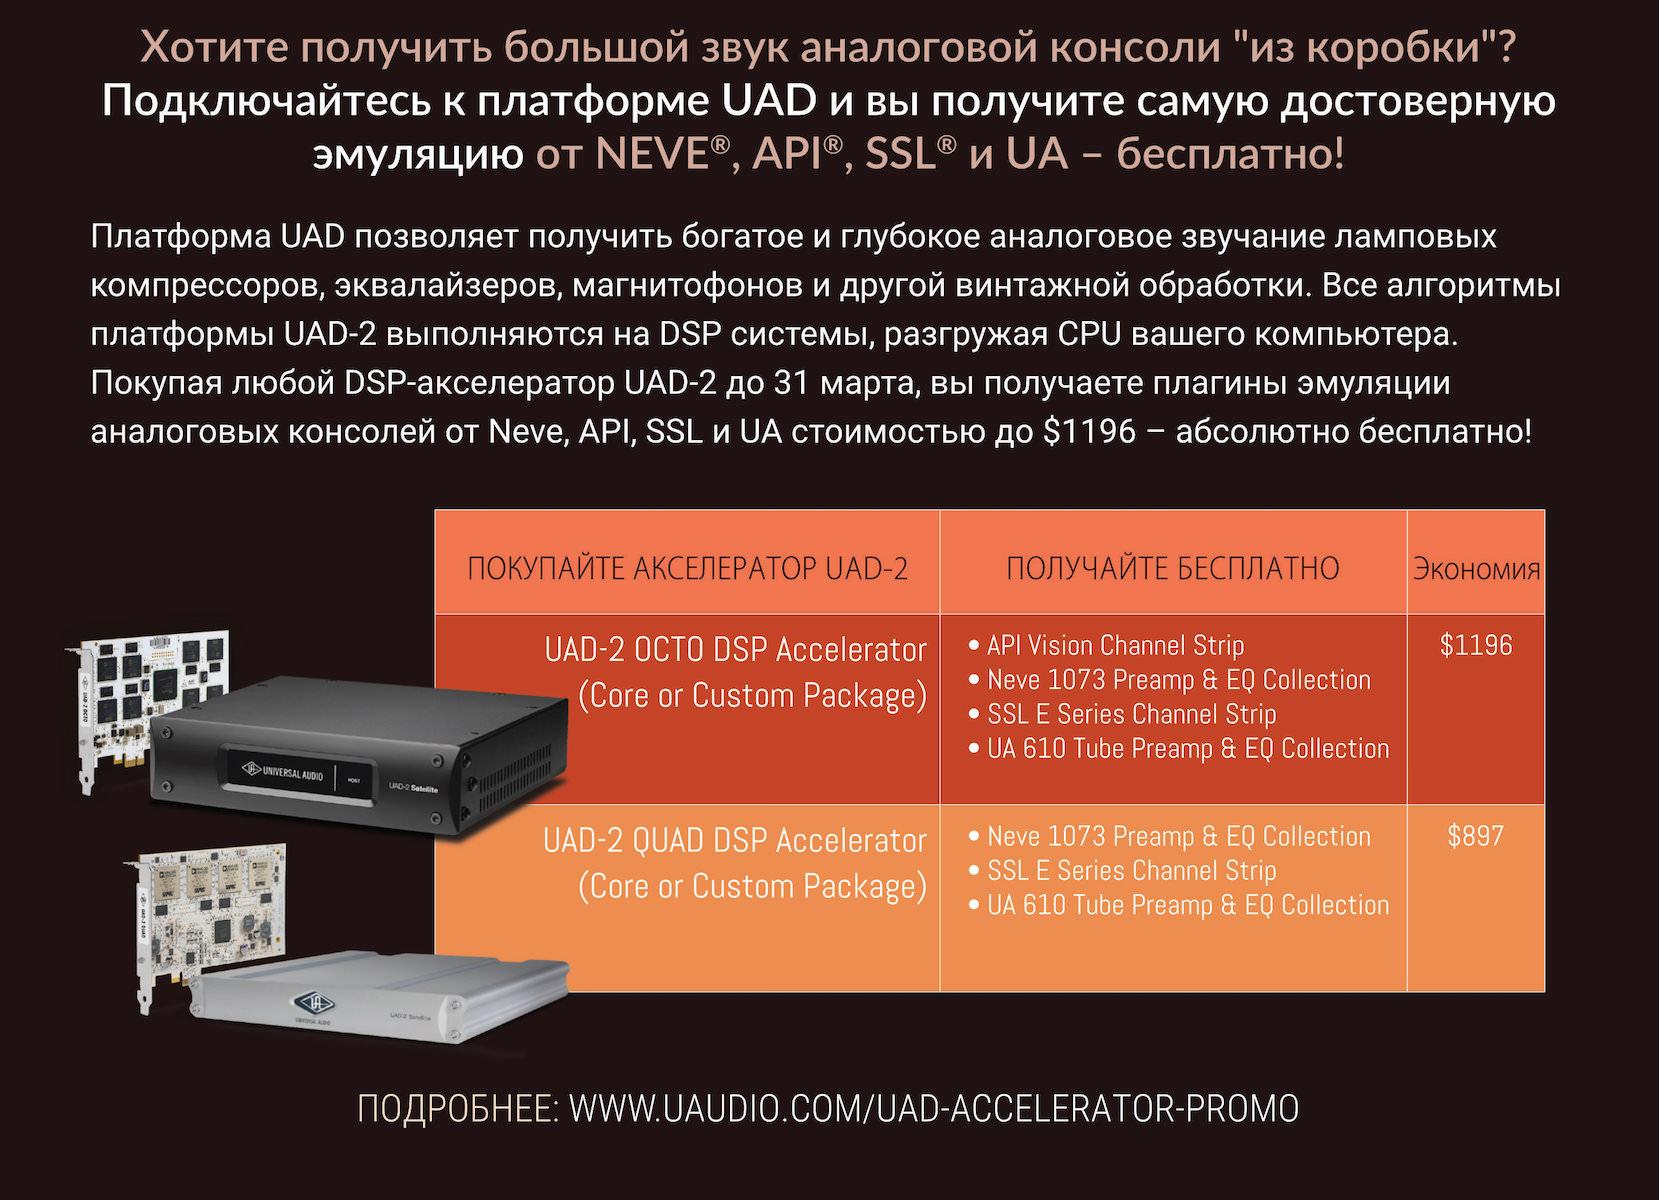 novost-podklyuchajtes-k-platforme-uad